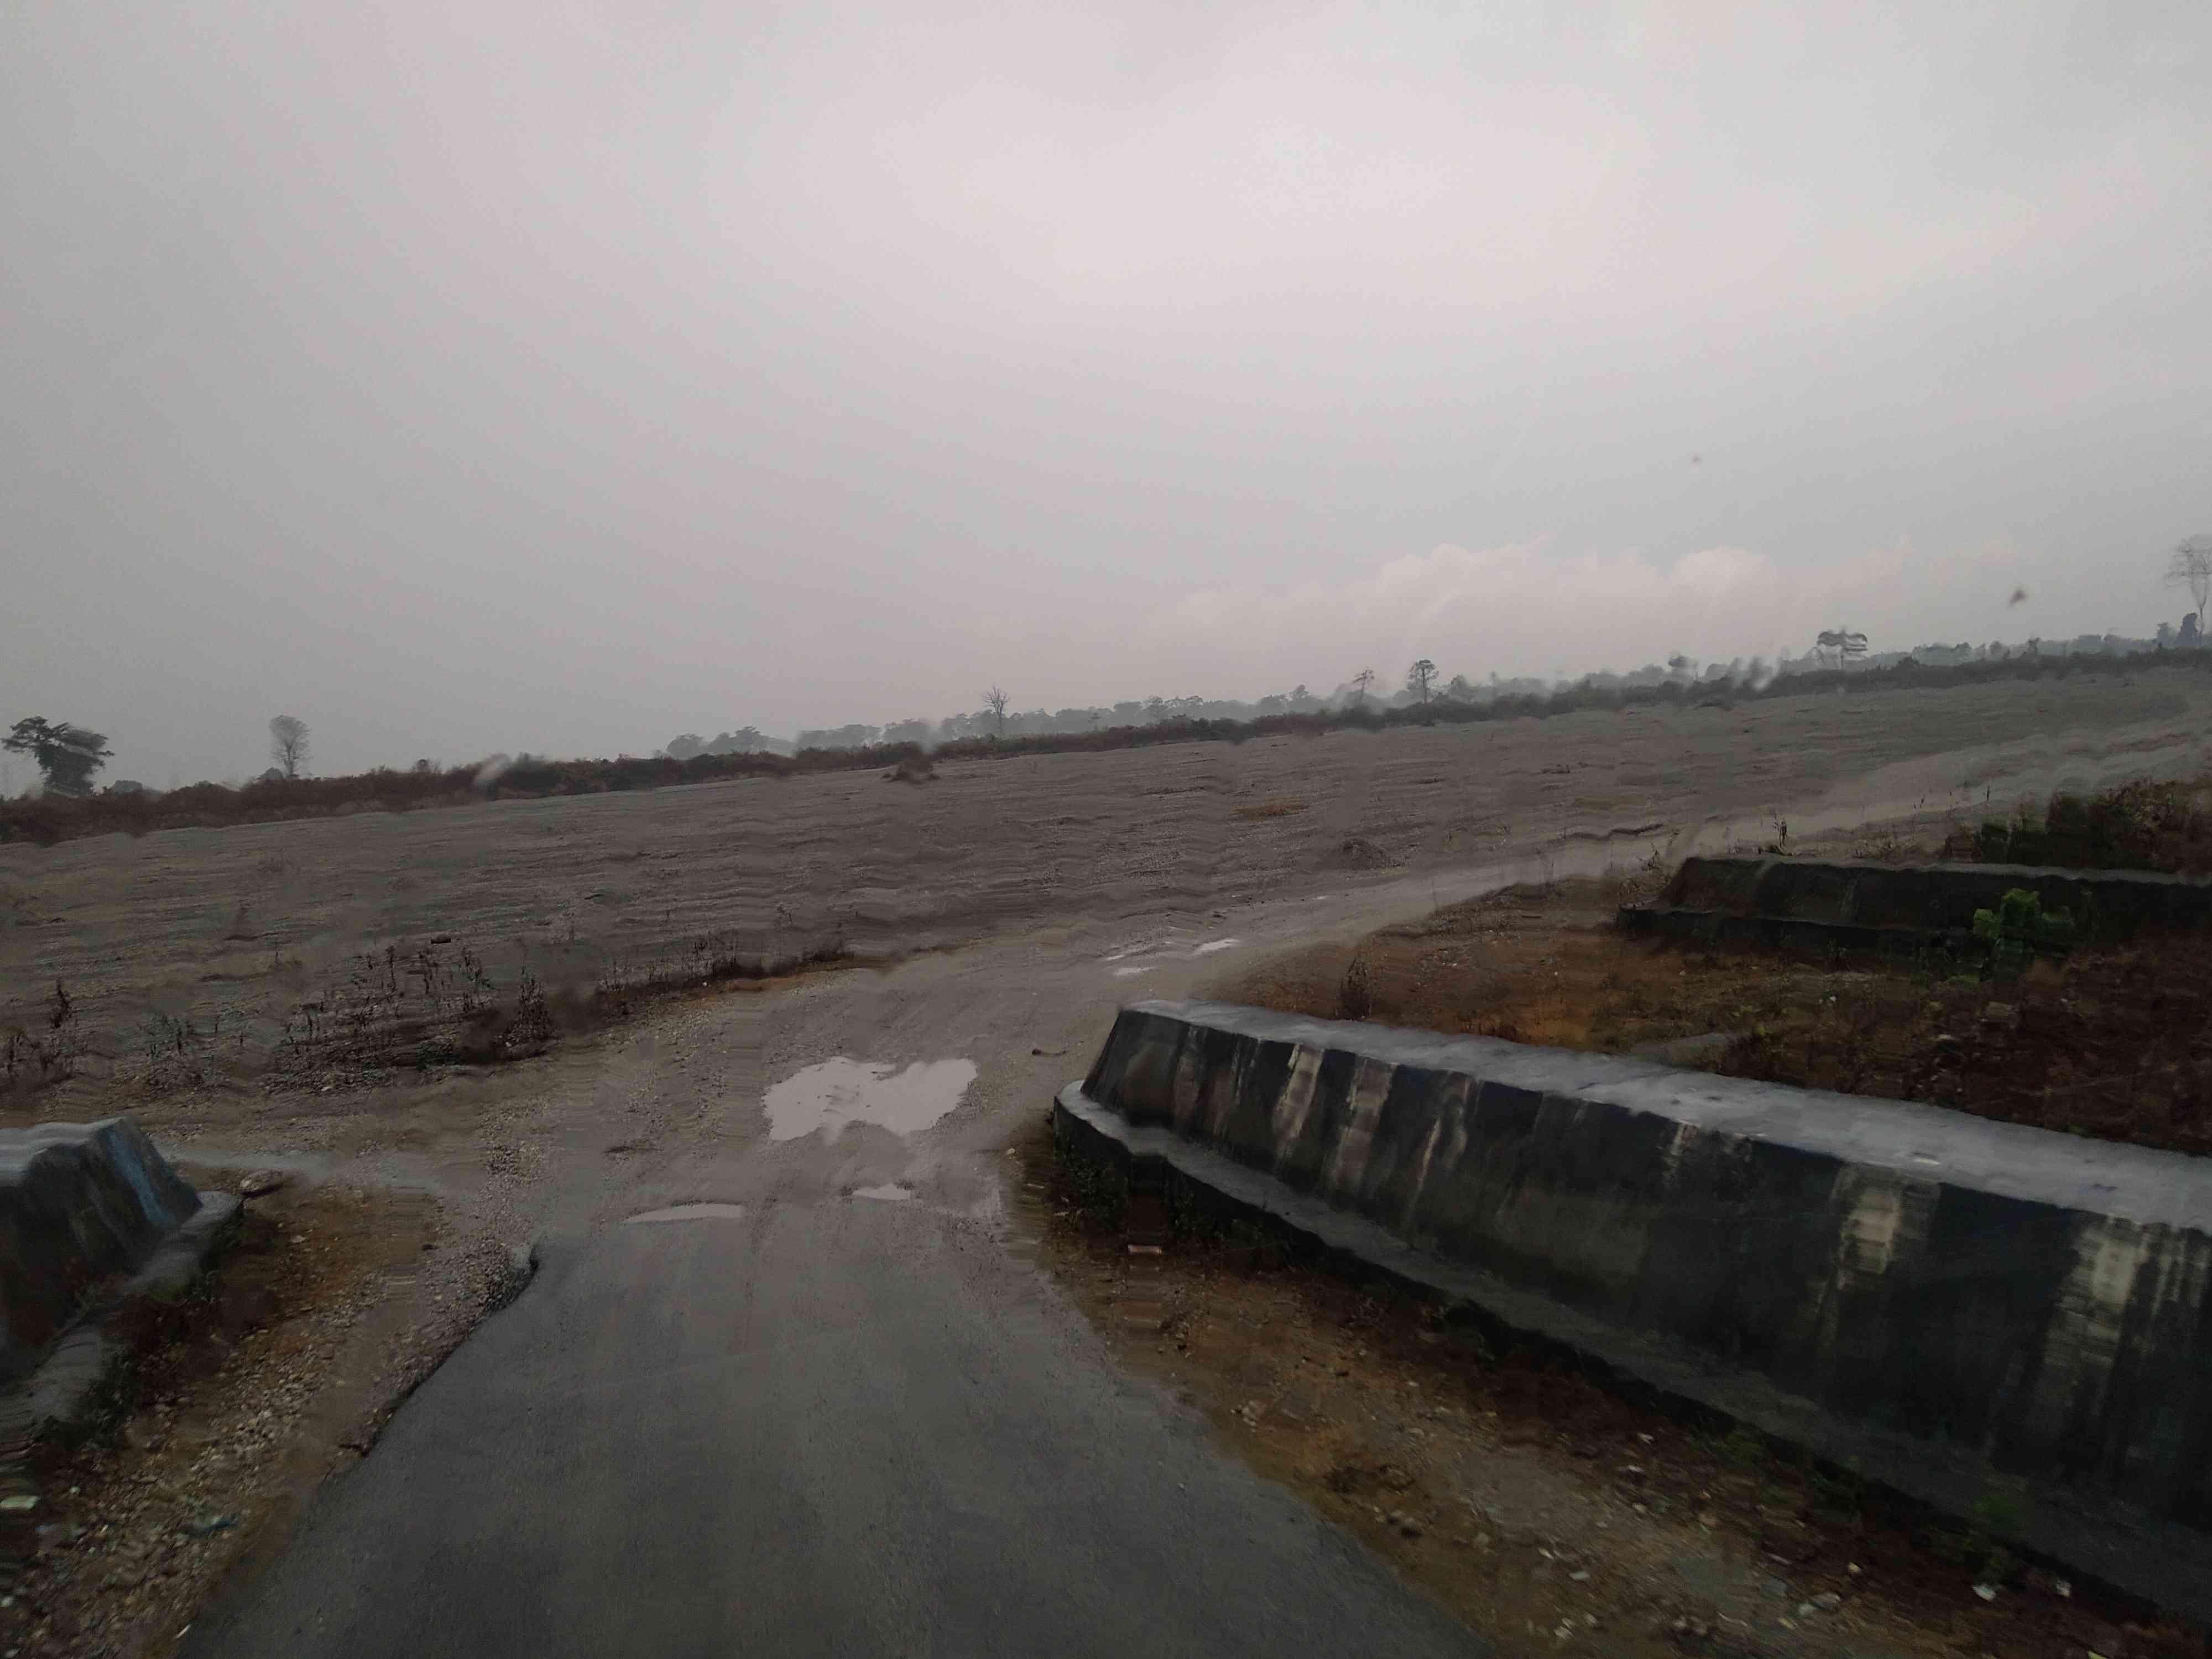 टोरसा नदी से होकर टोटोपाड़ा जाने के लिए बिना पुल का रास्ता